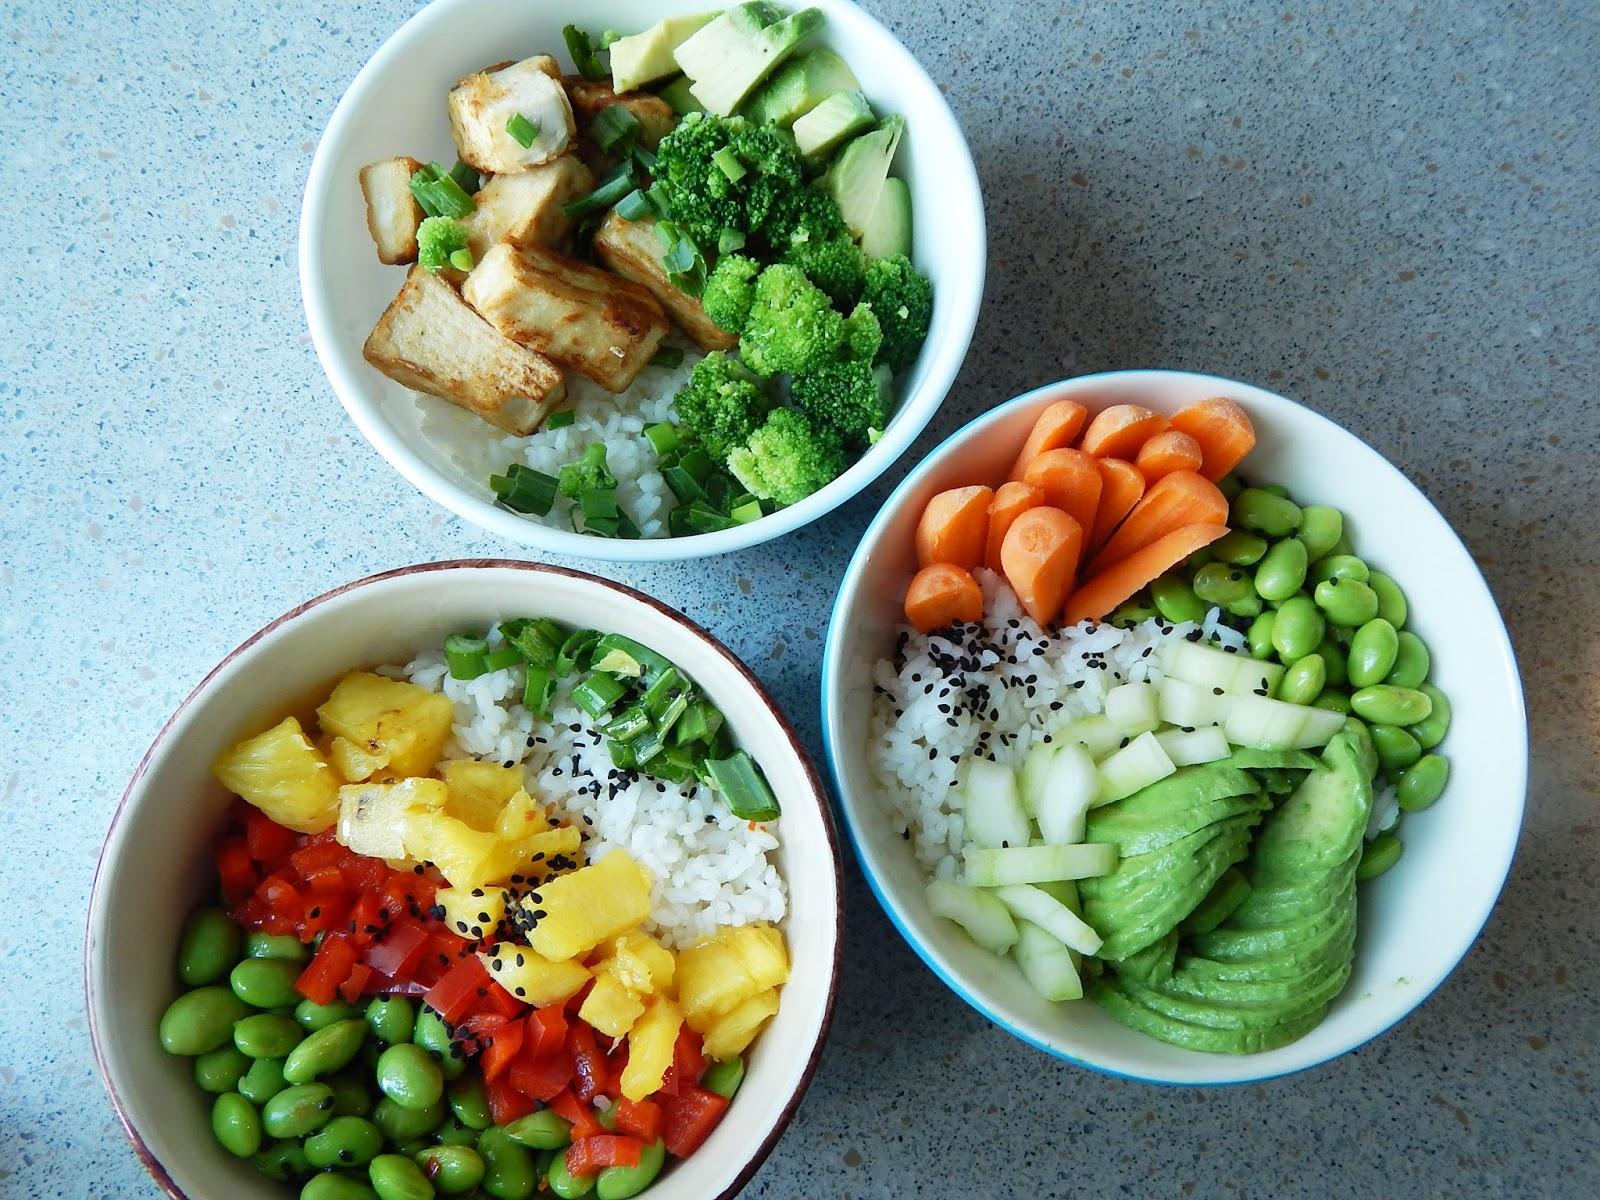 Sushi bowls altos en proteína